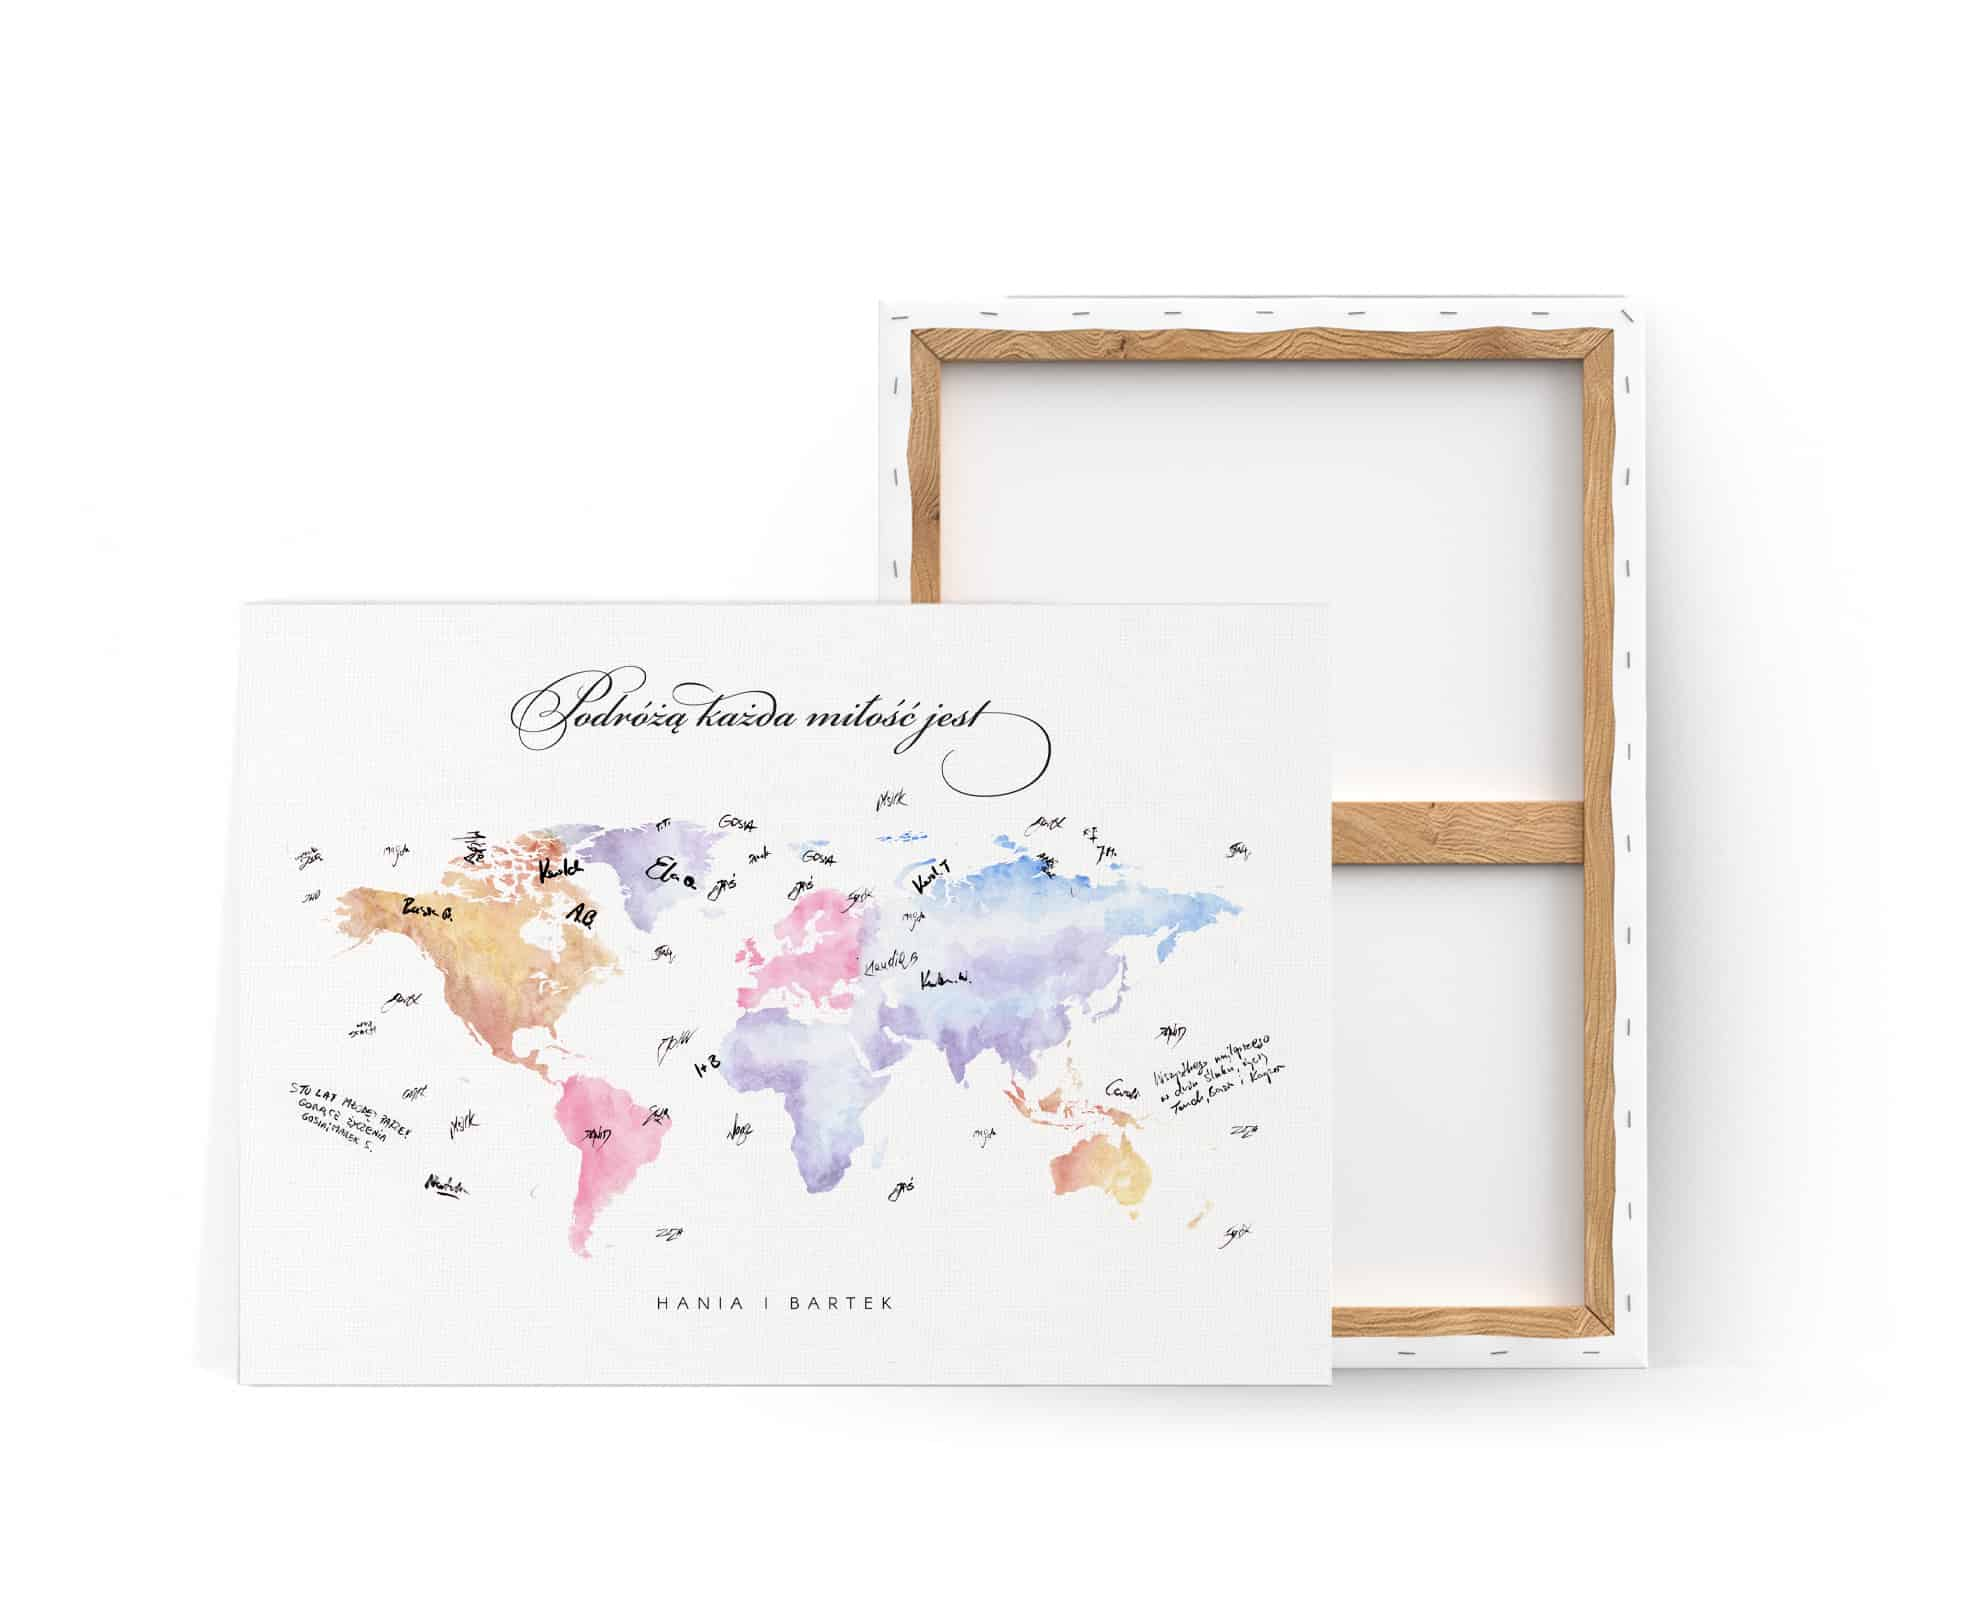 Księga gości w podróżniczym stylu, kolorowa mapa na płótnie